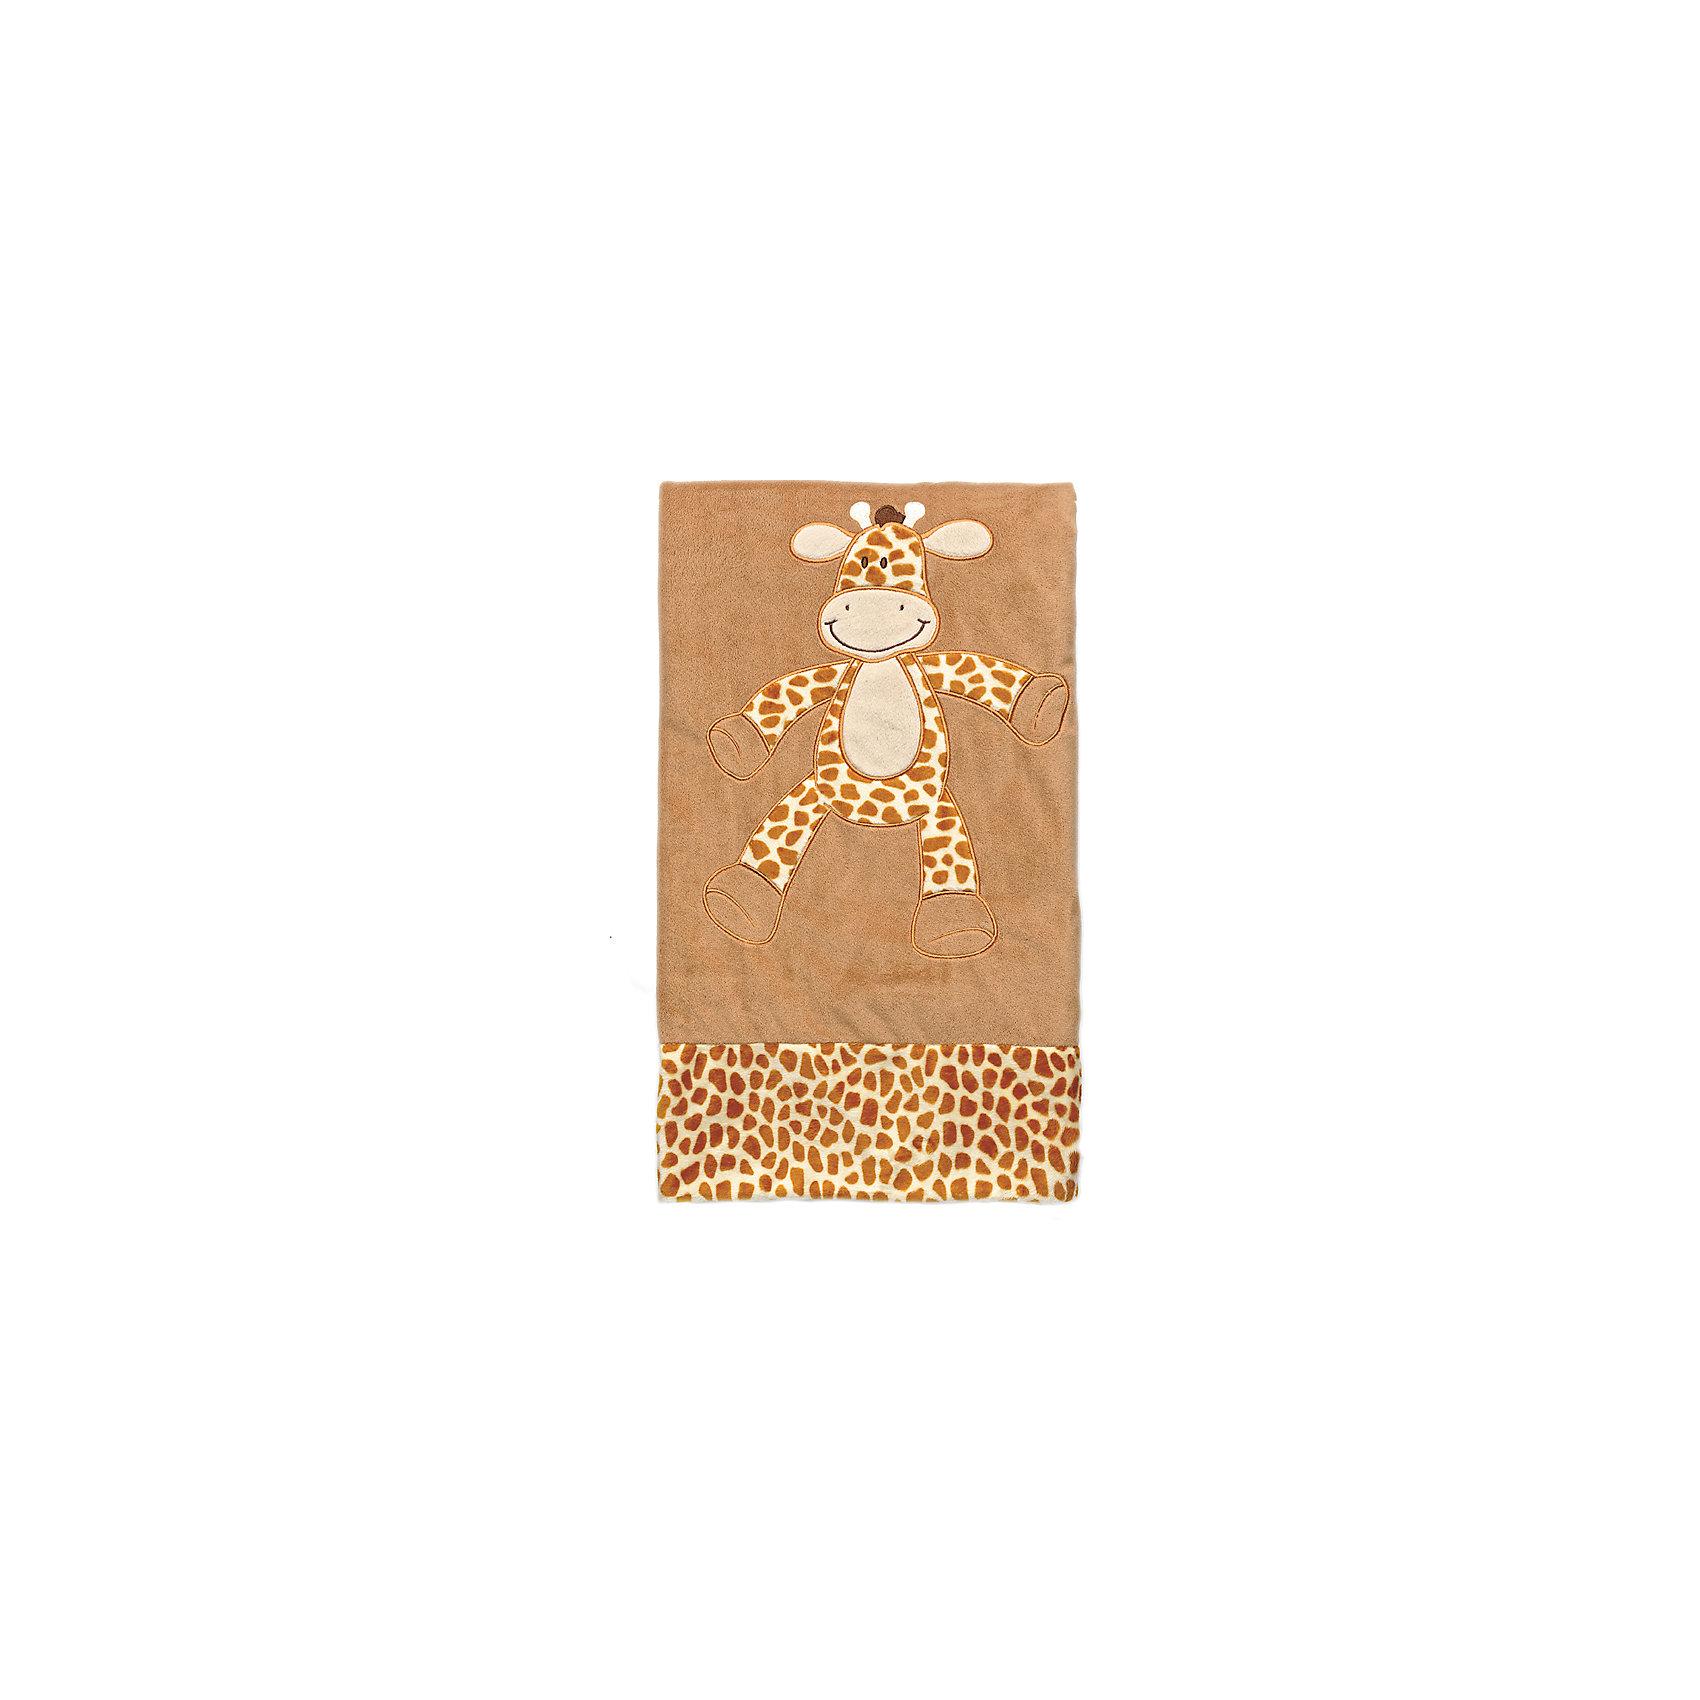 купить Teddykompaniet Плед велюр 80х80 Жираф , Динглисар, Teddykompaniet по цене 3599 рублей